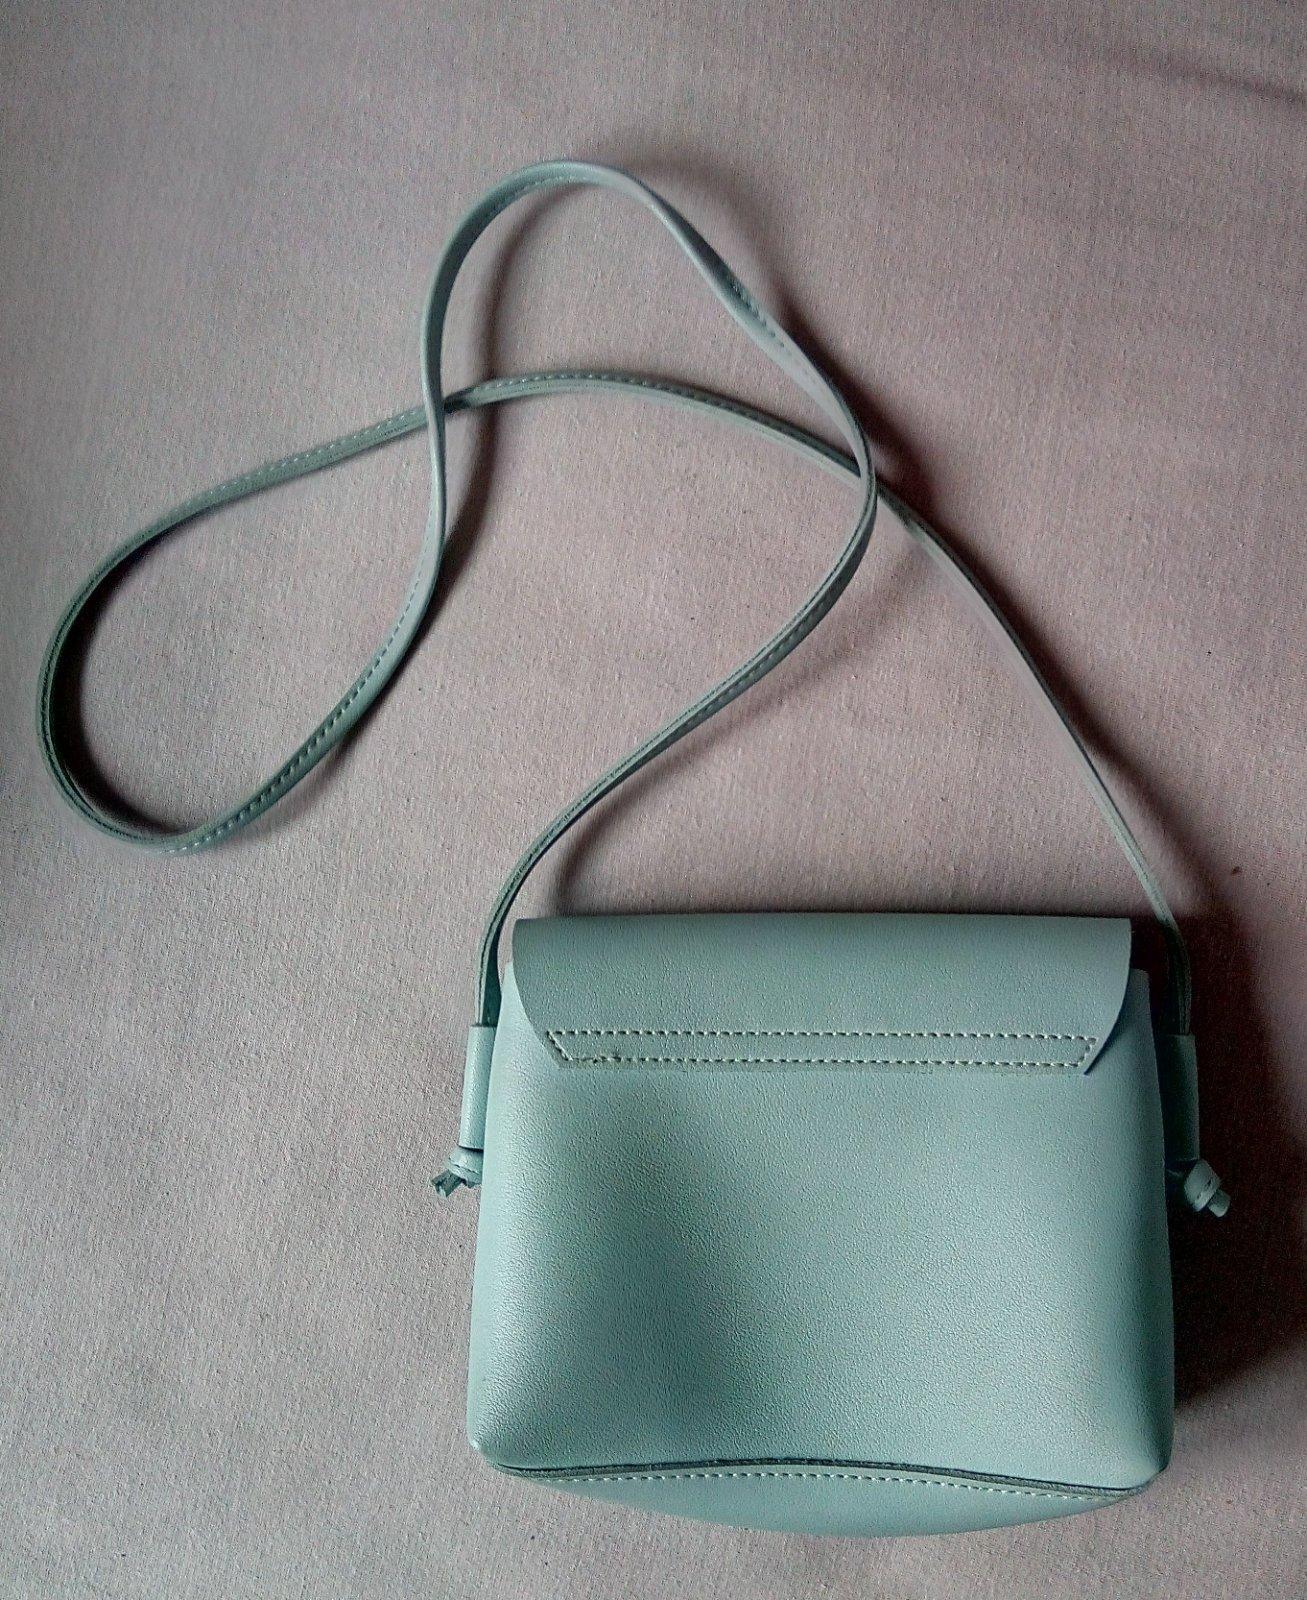 Bledomodrá malá kabelka CCC - Obrázok č. 2